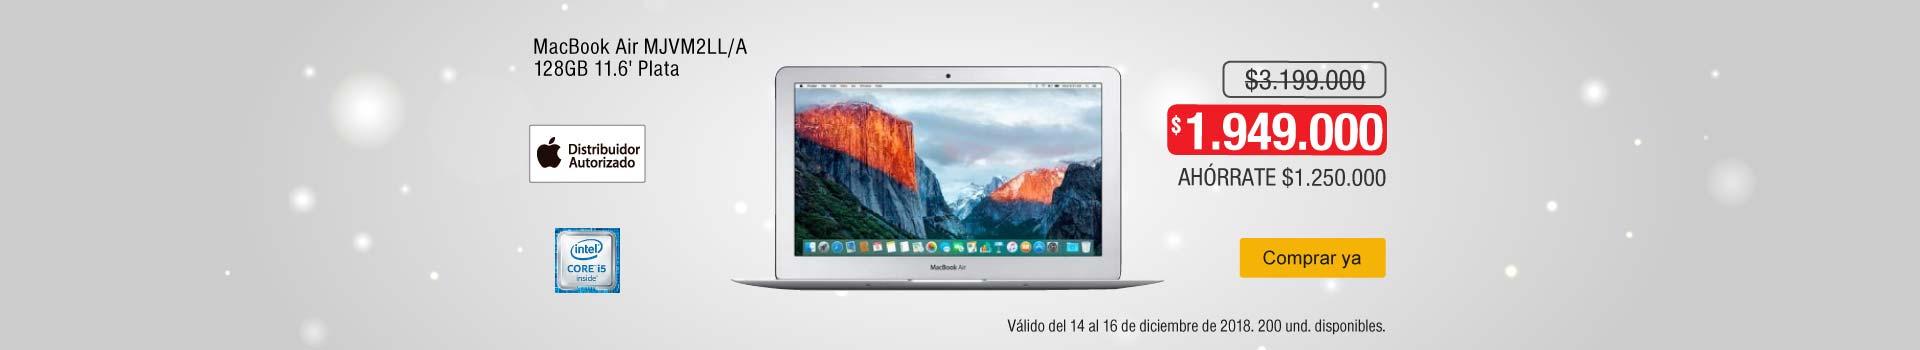 AK-KT-BCAT-1-computadores y tablets-PP---Apple-MacBook Air MJVM2LL/A-dic14